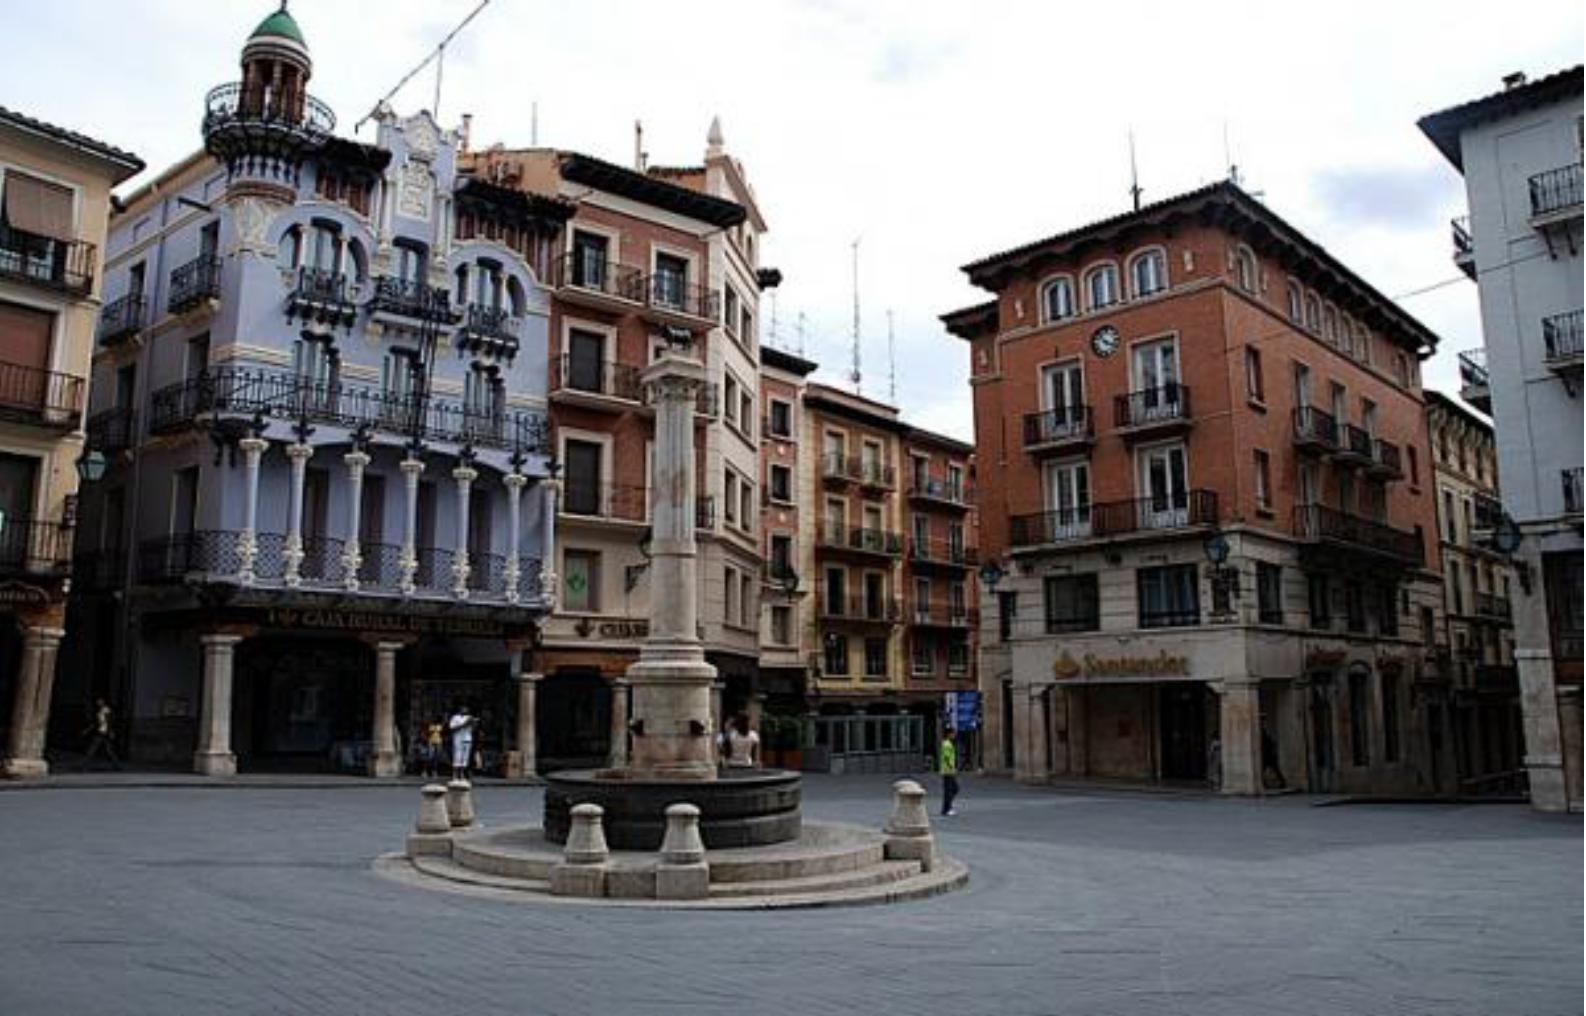 Trabajos patrimonio publicados cultura inmaterial bienes for Biblioteca iglesia madrid